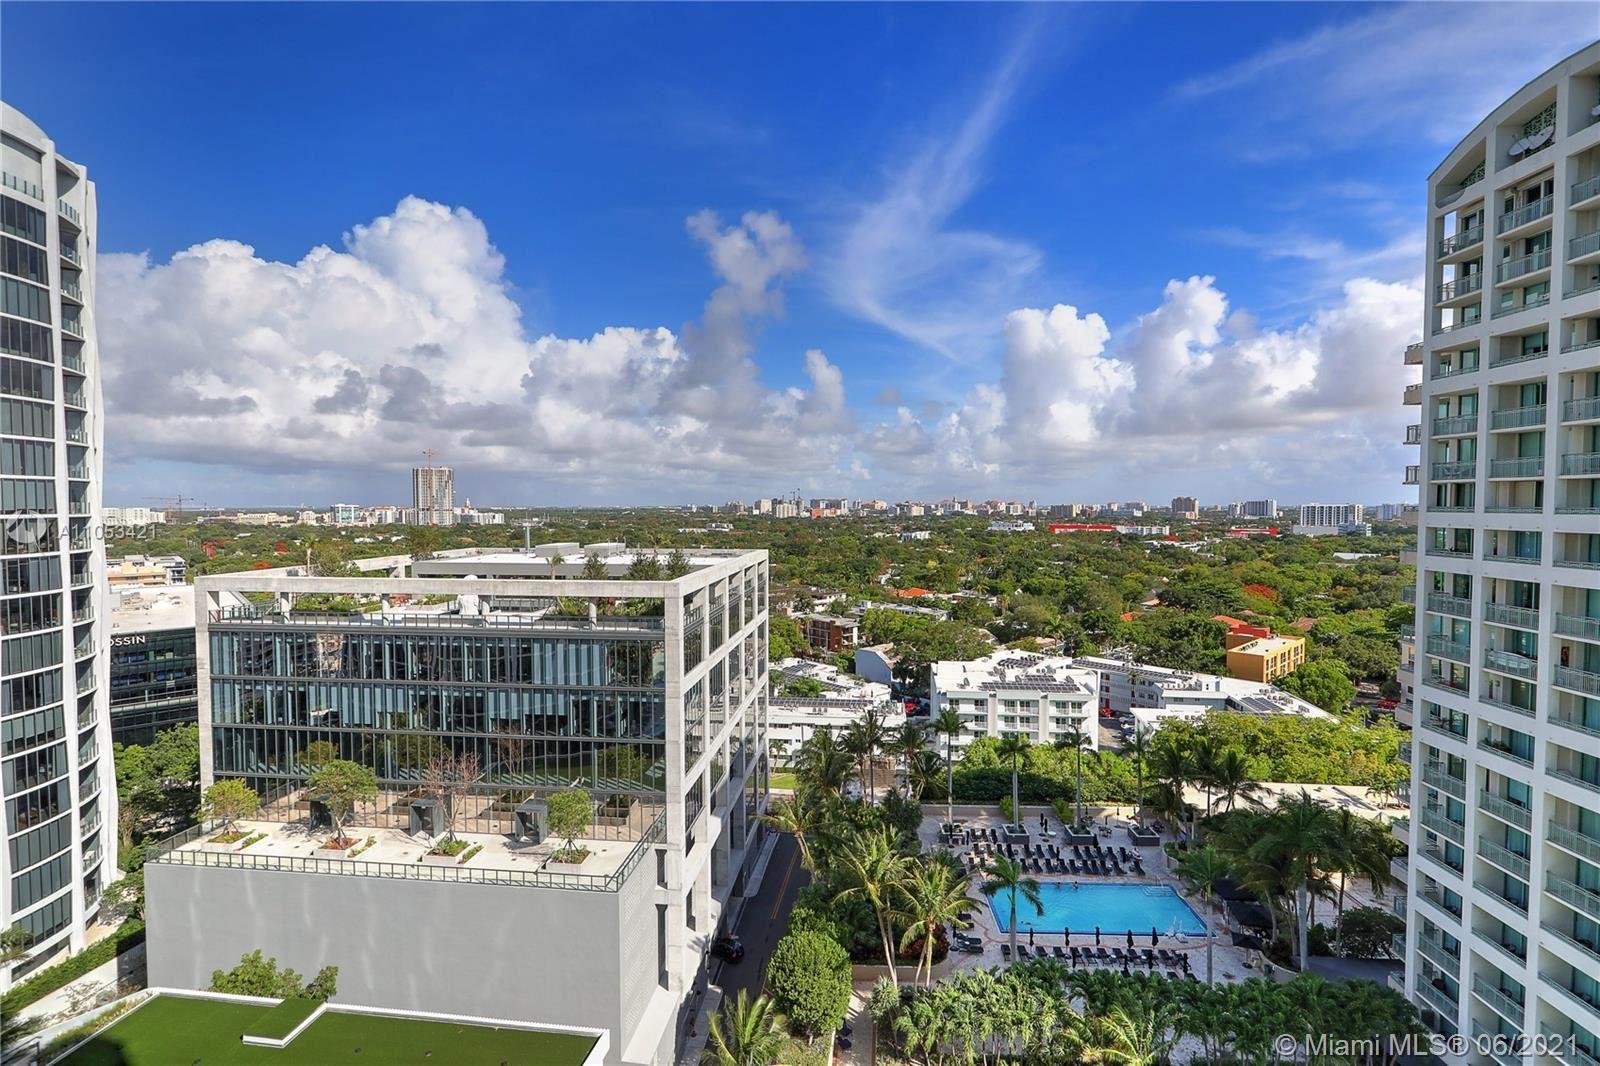 3400 SW 27th Ave #1605, Miami, FL 33133 - #: A11053421